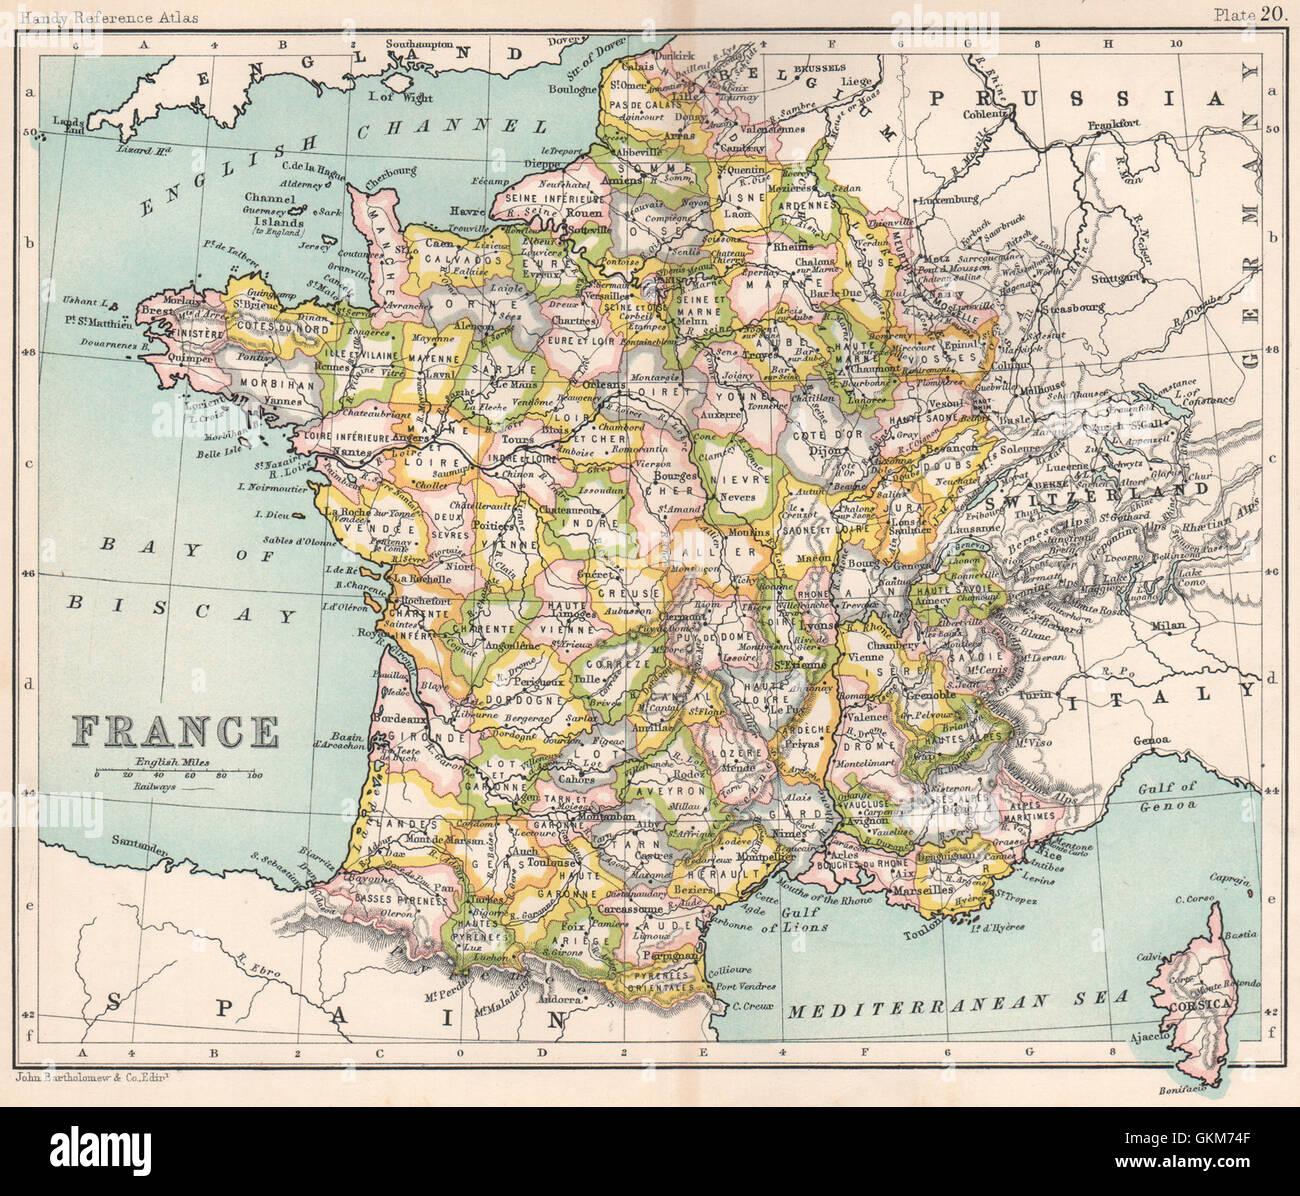 Carte Lalsace.La France Sans L Alsace Et Lorraine Bartholomew 1904 Carte